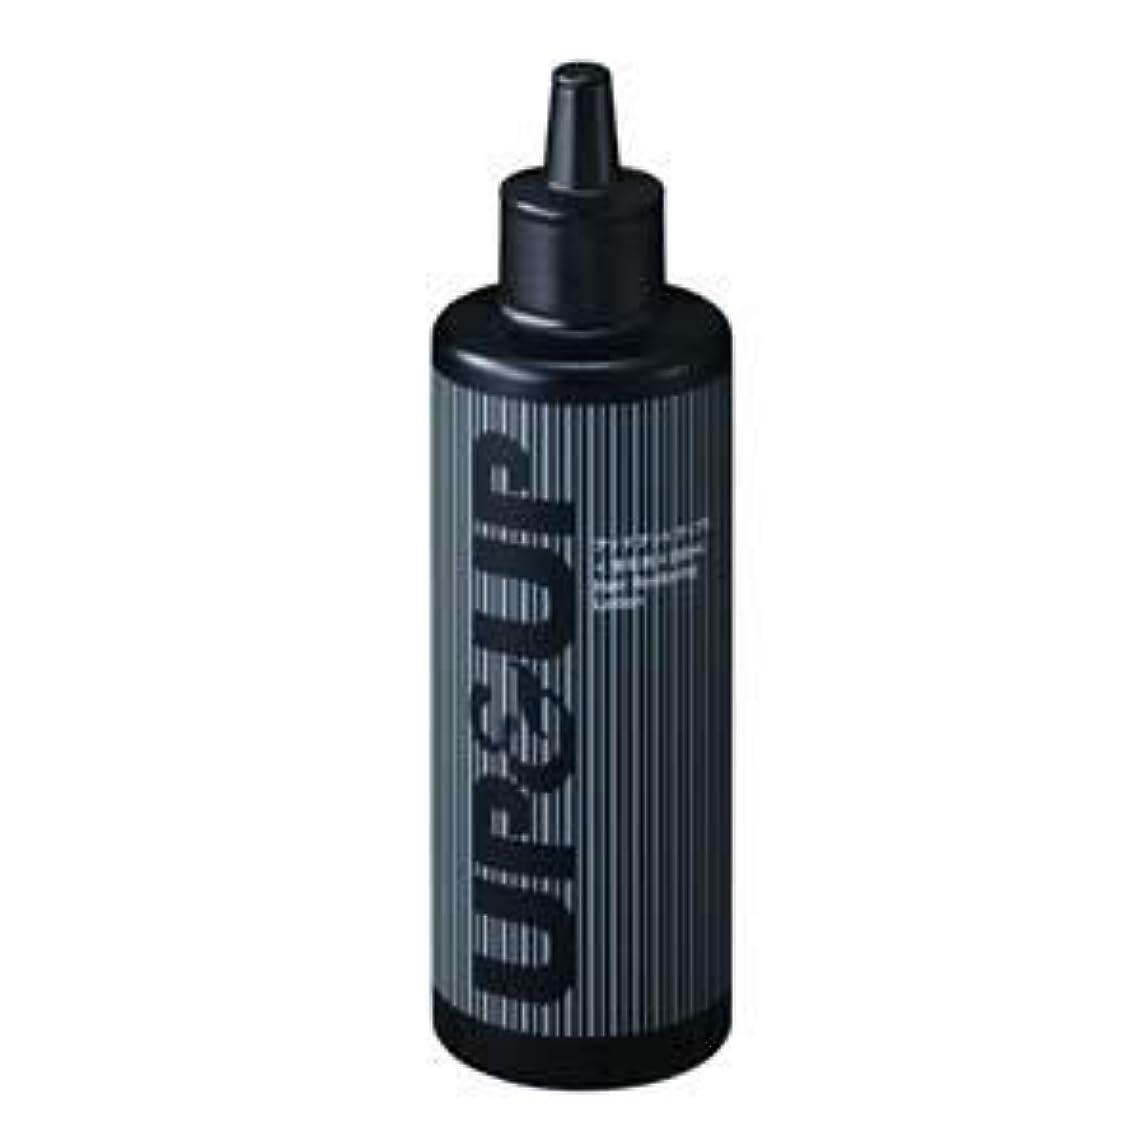 震えすり減るさておきH+Bライフサイエンス アップ アンド アップ UP&UP S育毛剤 200mL